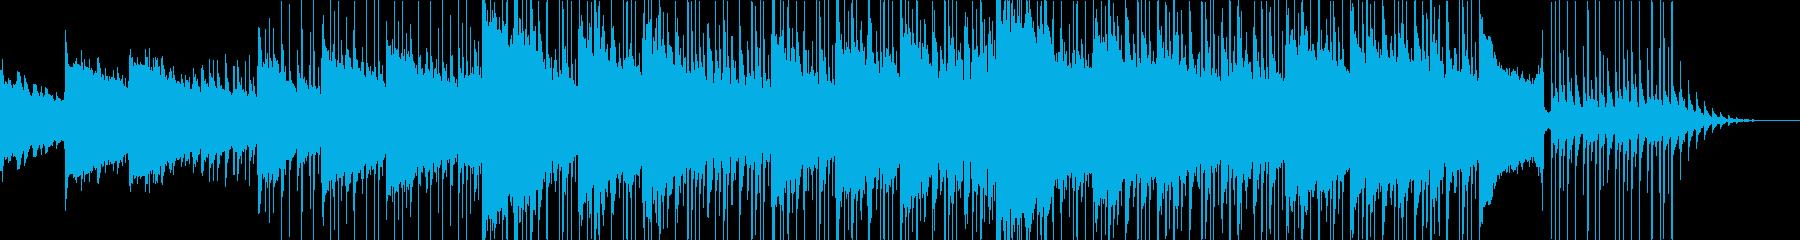 代替案 ポップ ロック アンビエン...の再生済みの波形